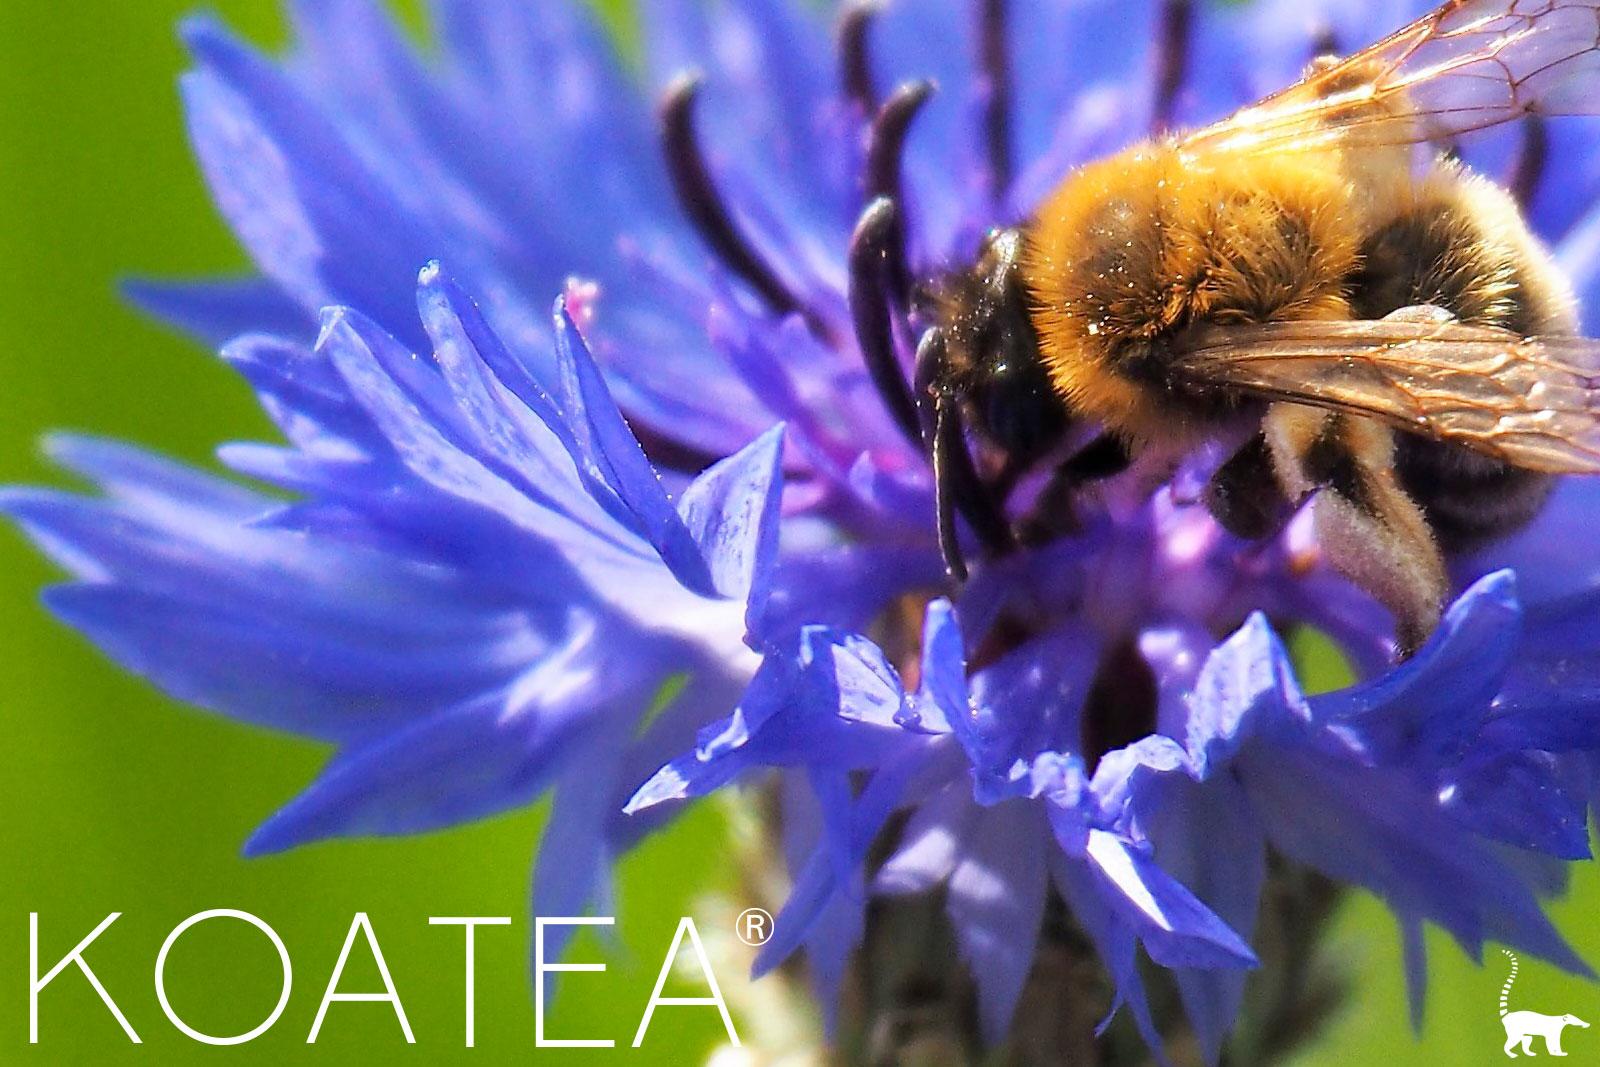 Abeilles butinant des fleurs de bleuets